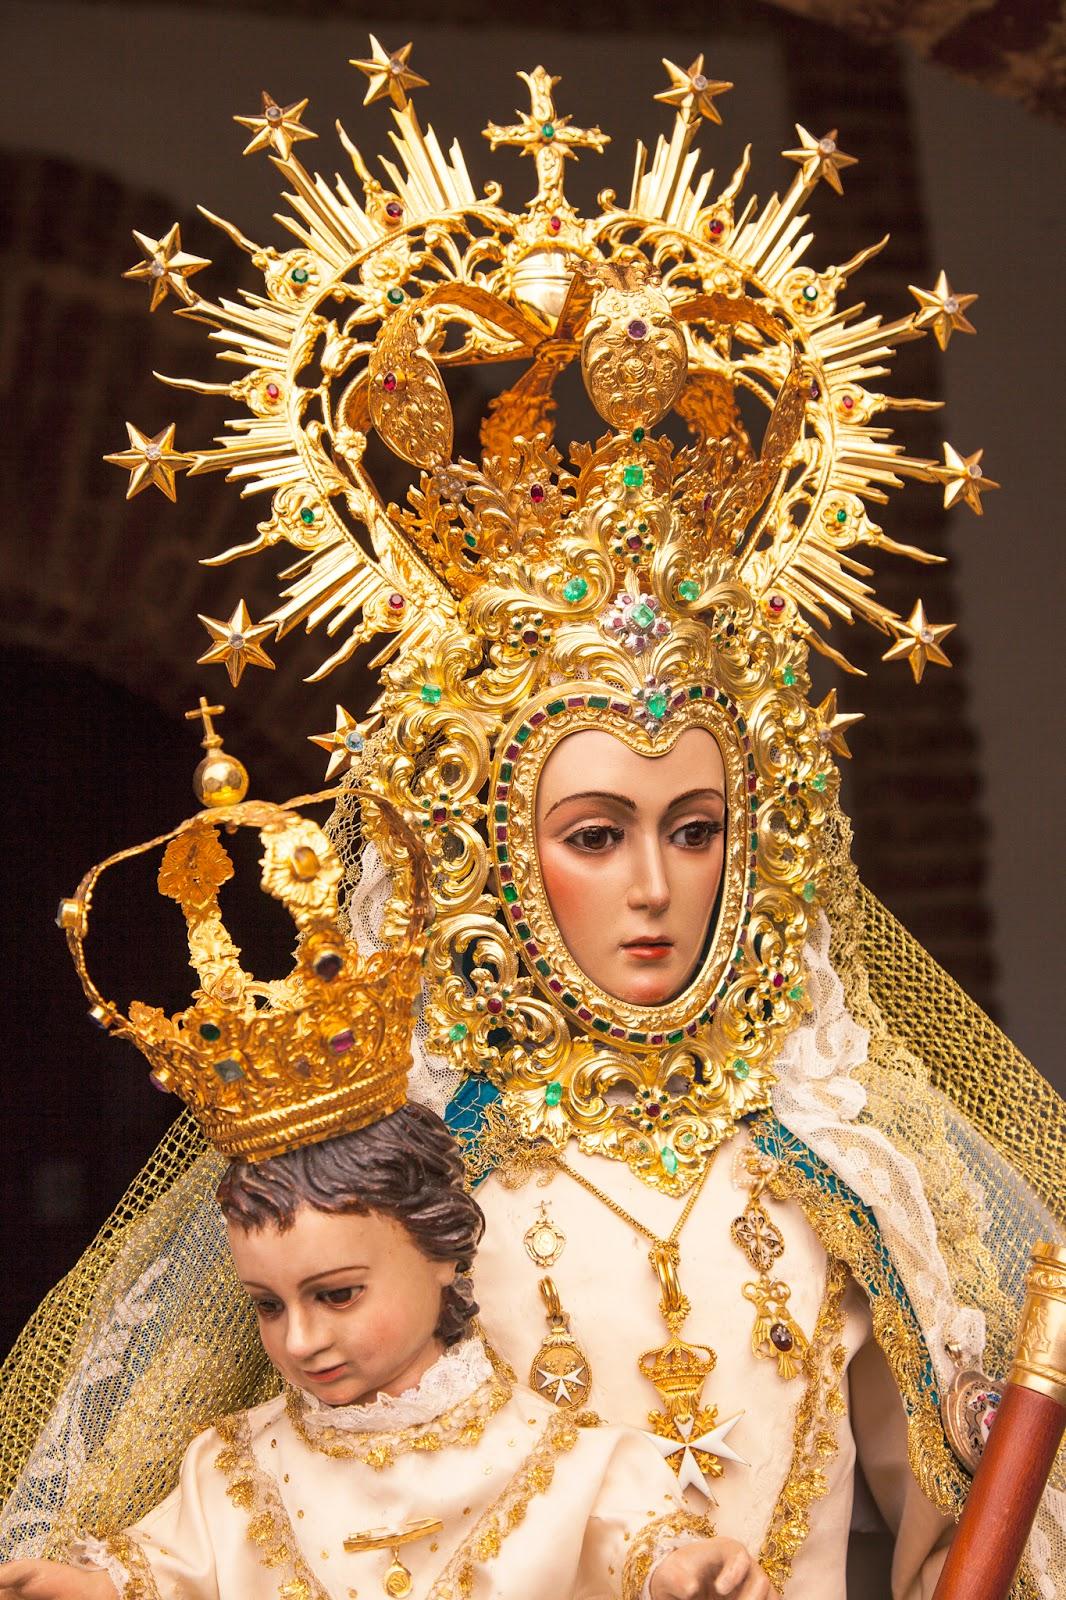 Nuestra Señora de Estrella - Patrona de Espiel